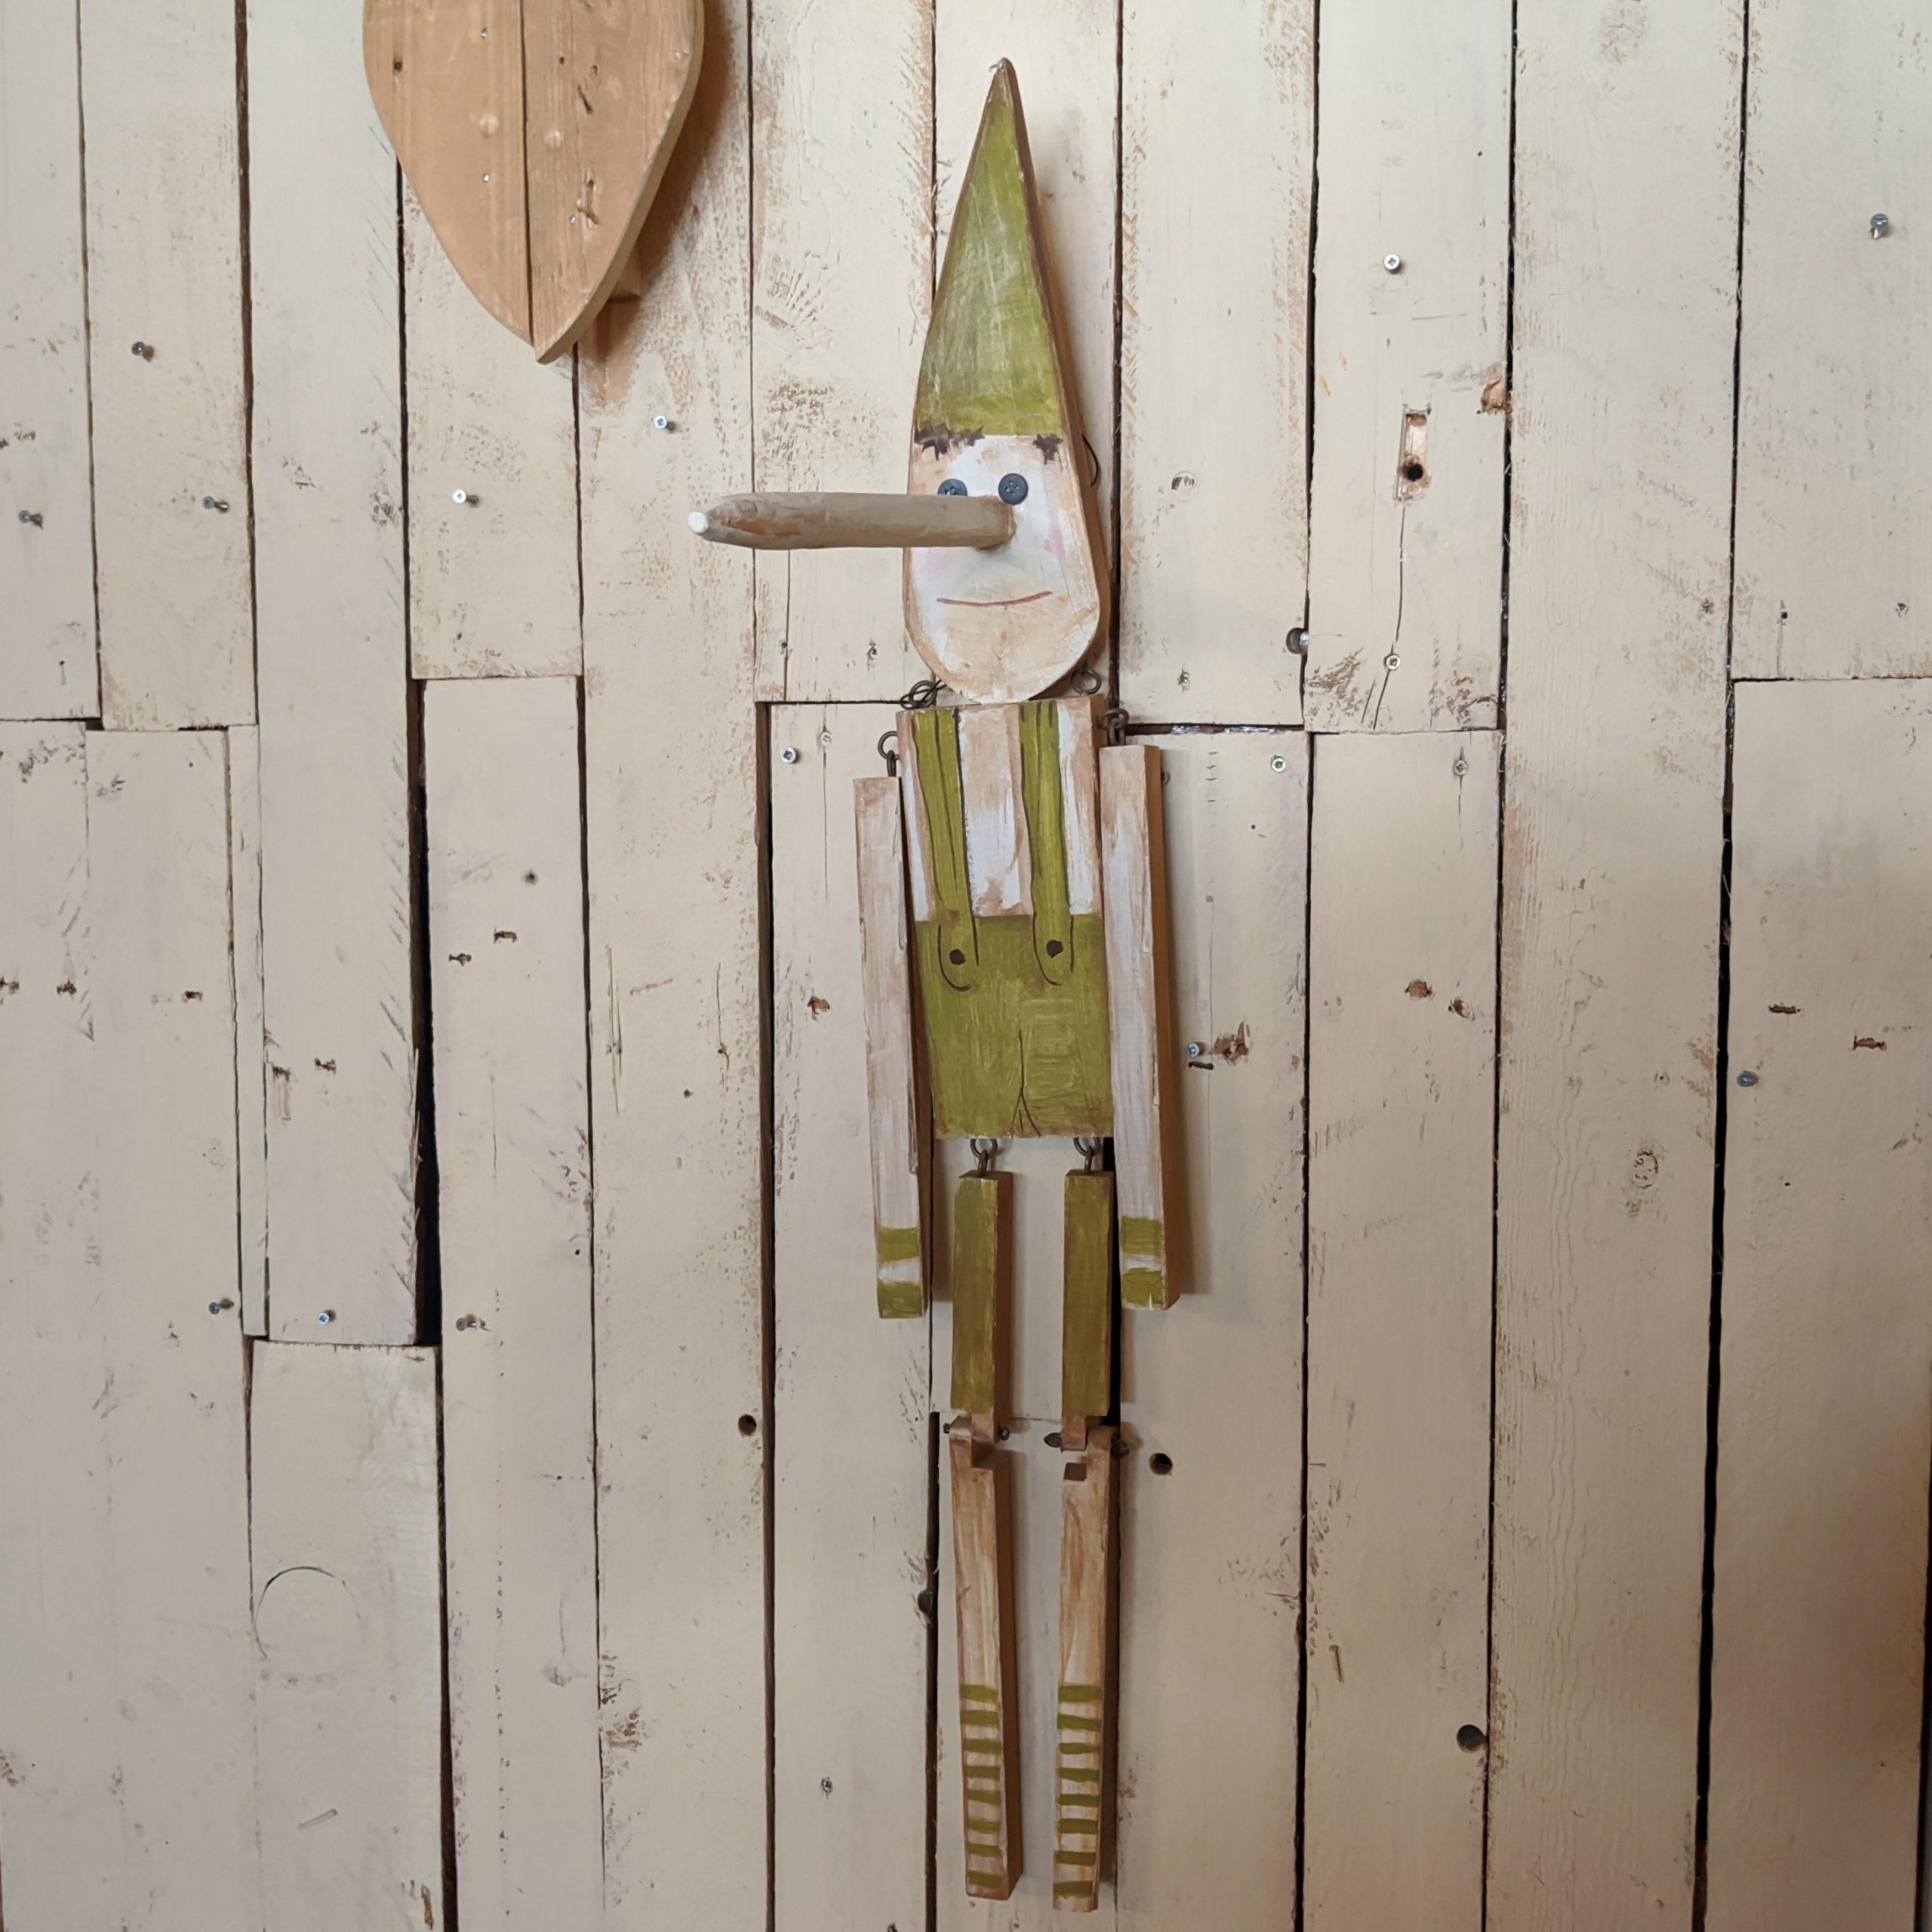 Ξύλινη μαριονέτα, Πινόκιο – Hand painted wooden marionette